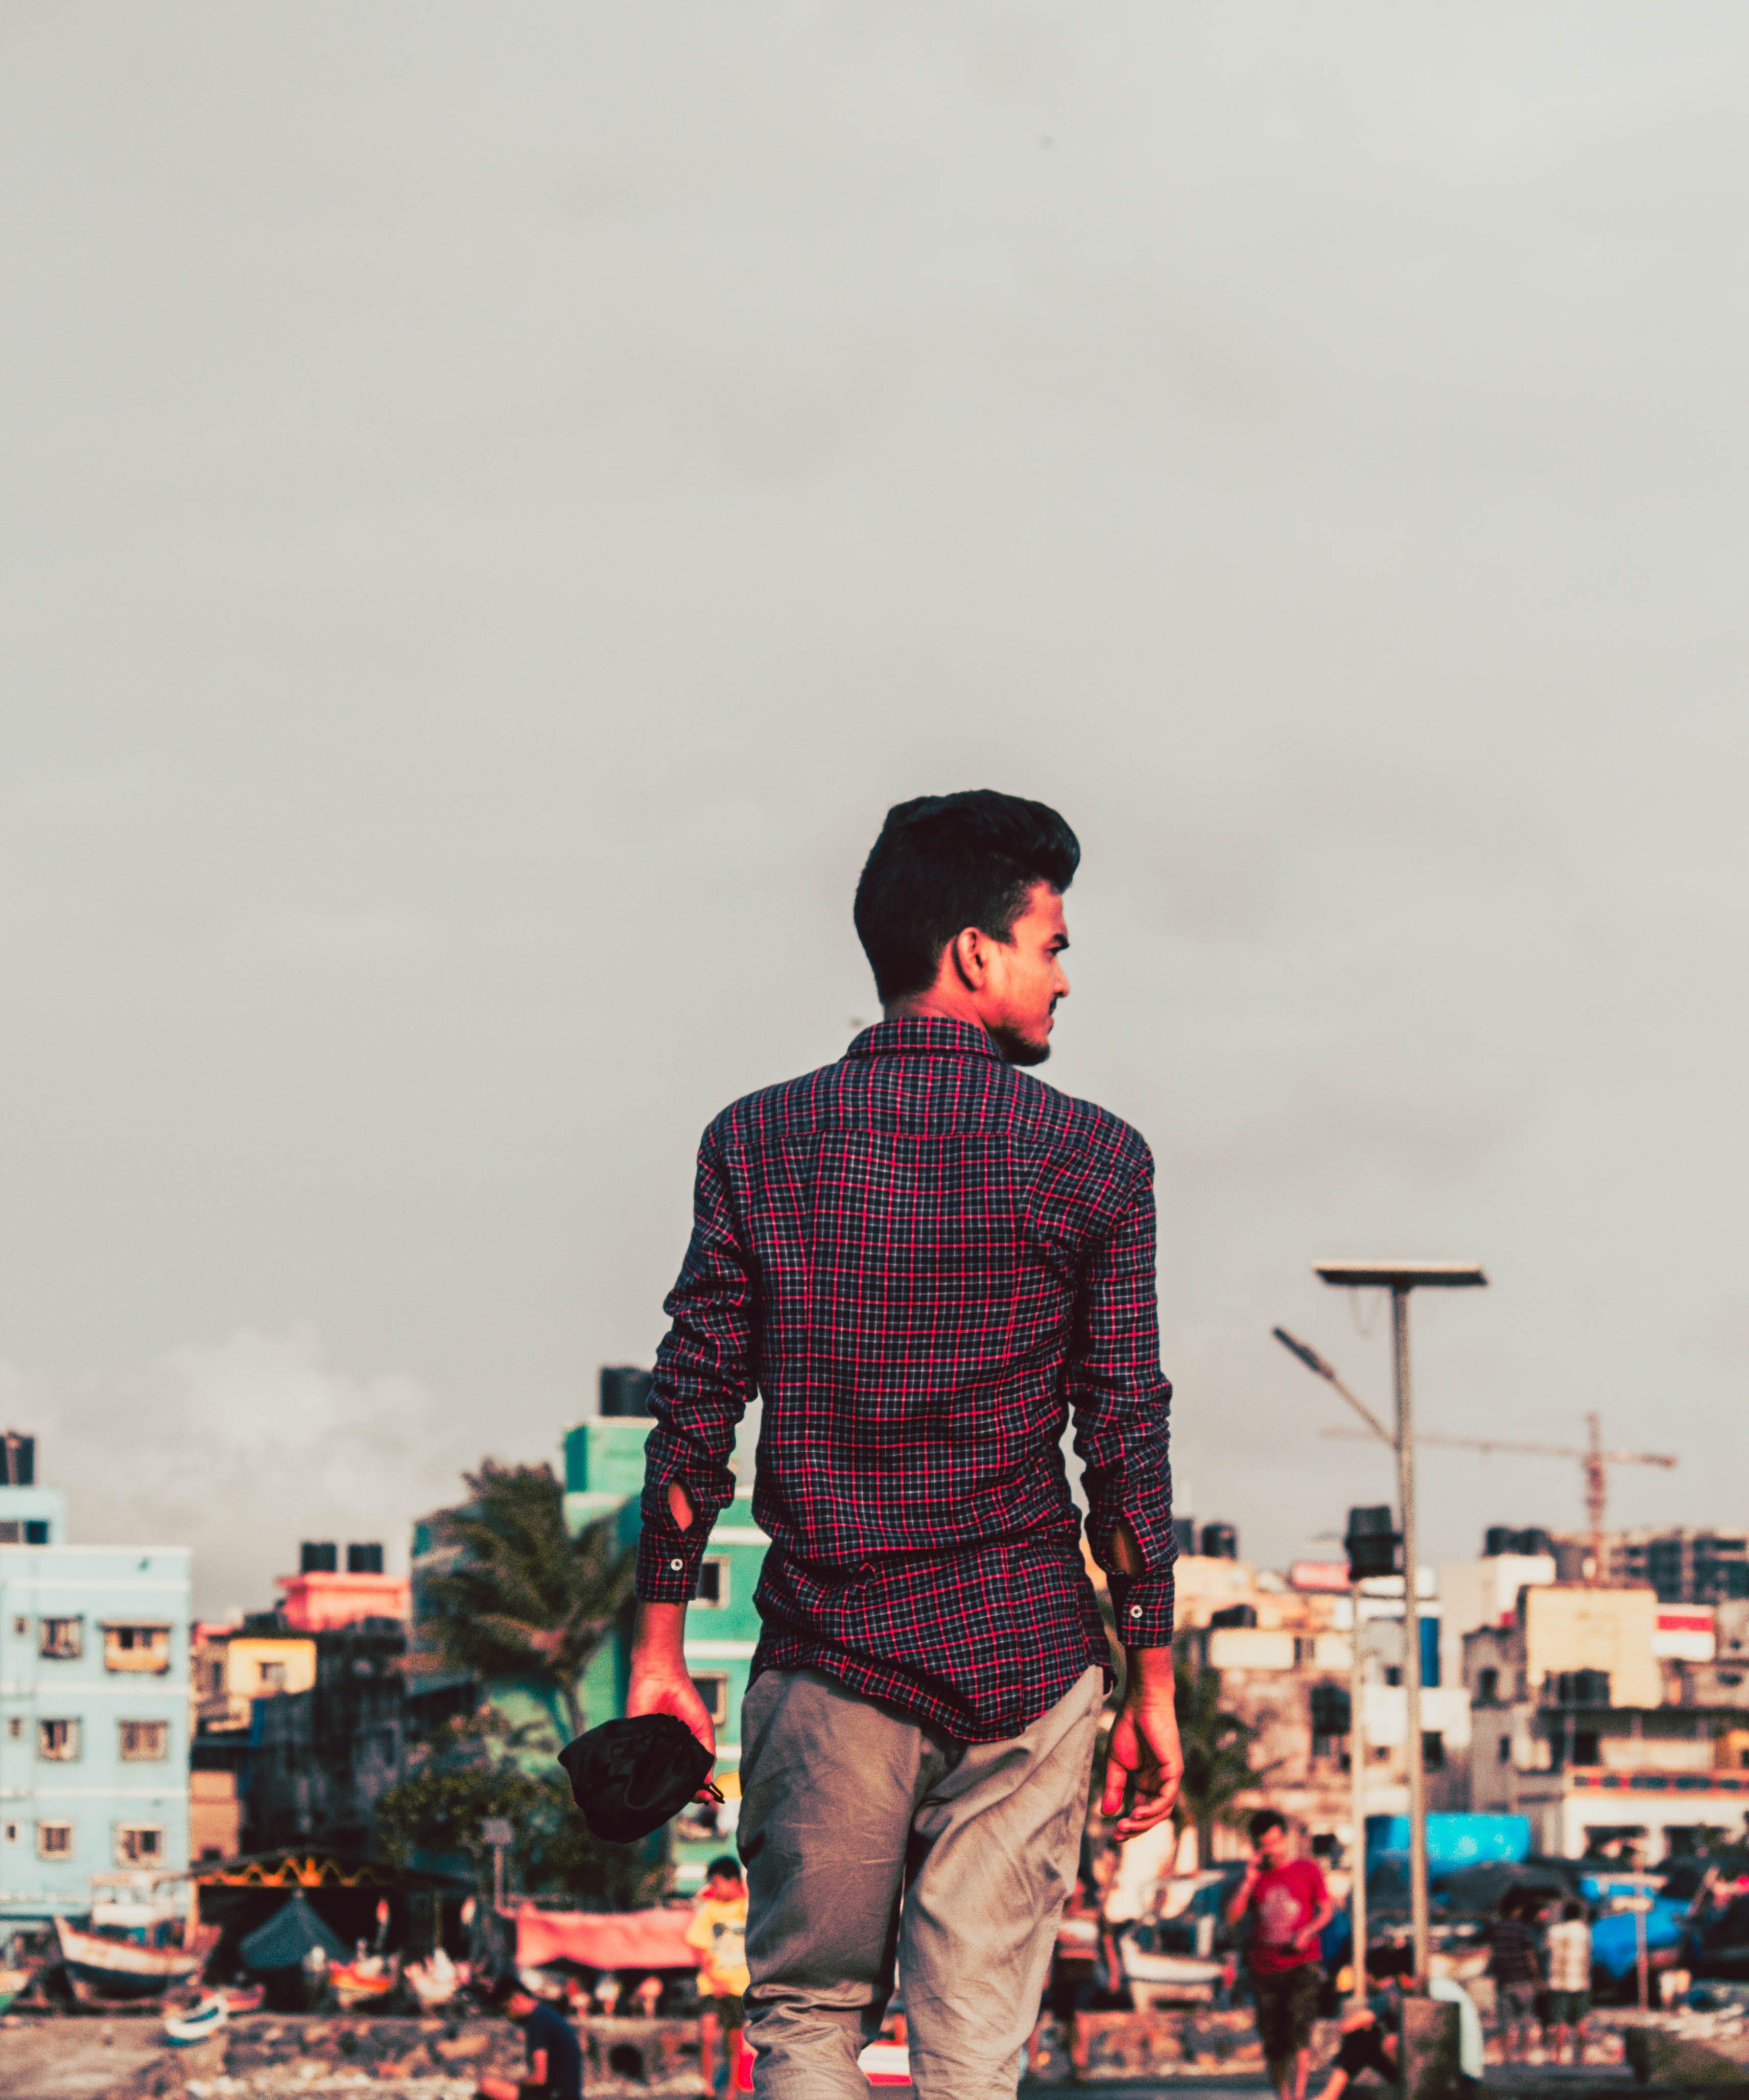 Kostenloses Stock Foto zu asien, gehen, indien, kleiner junge